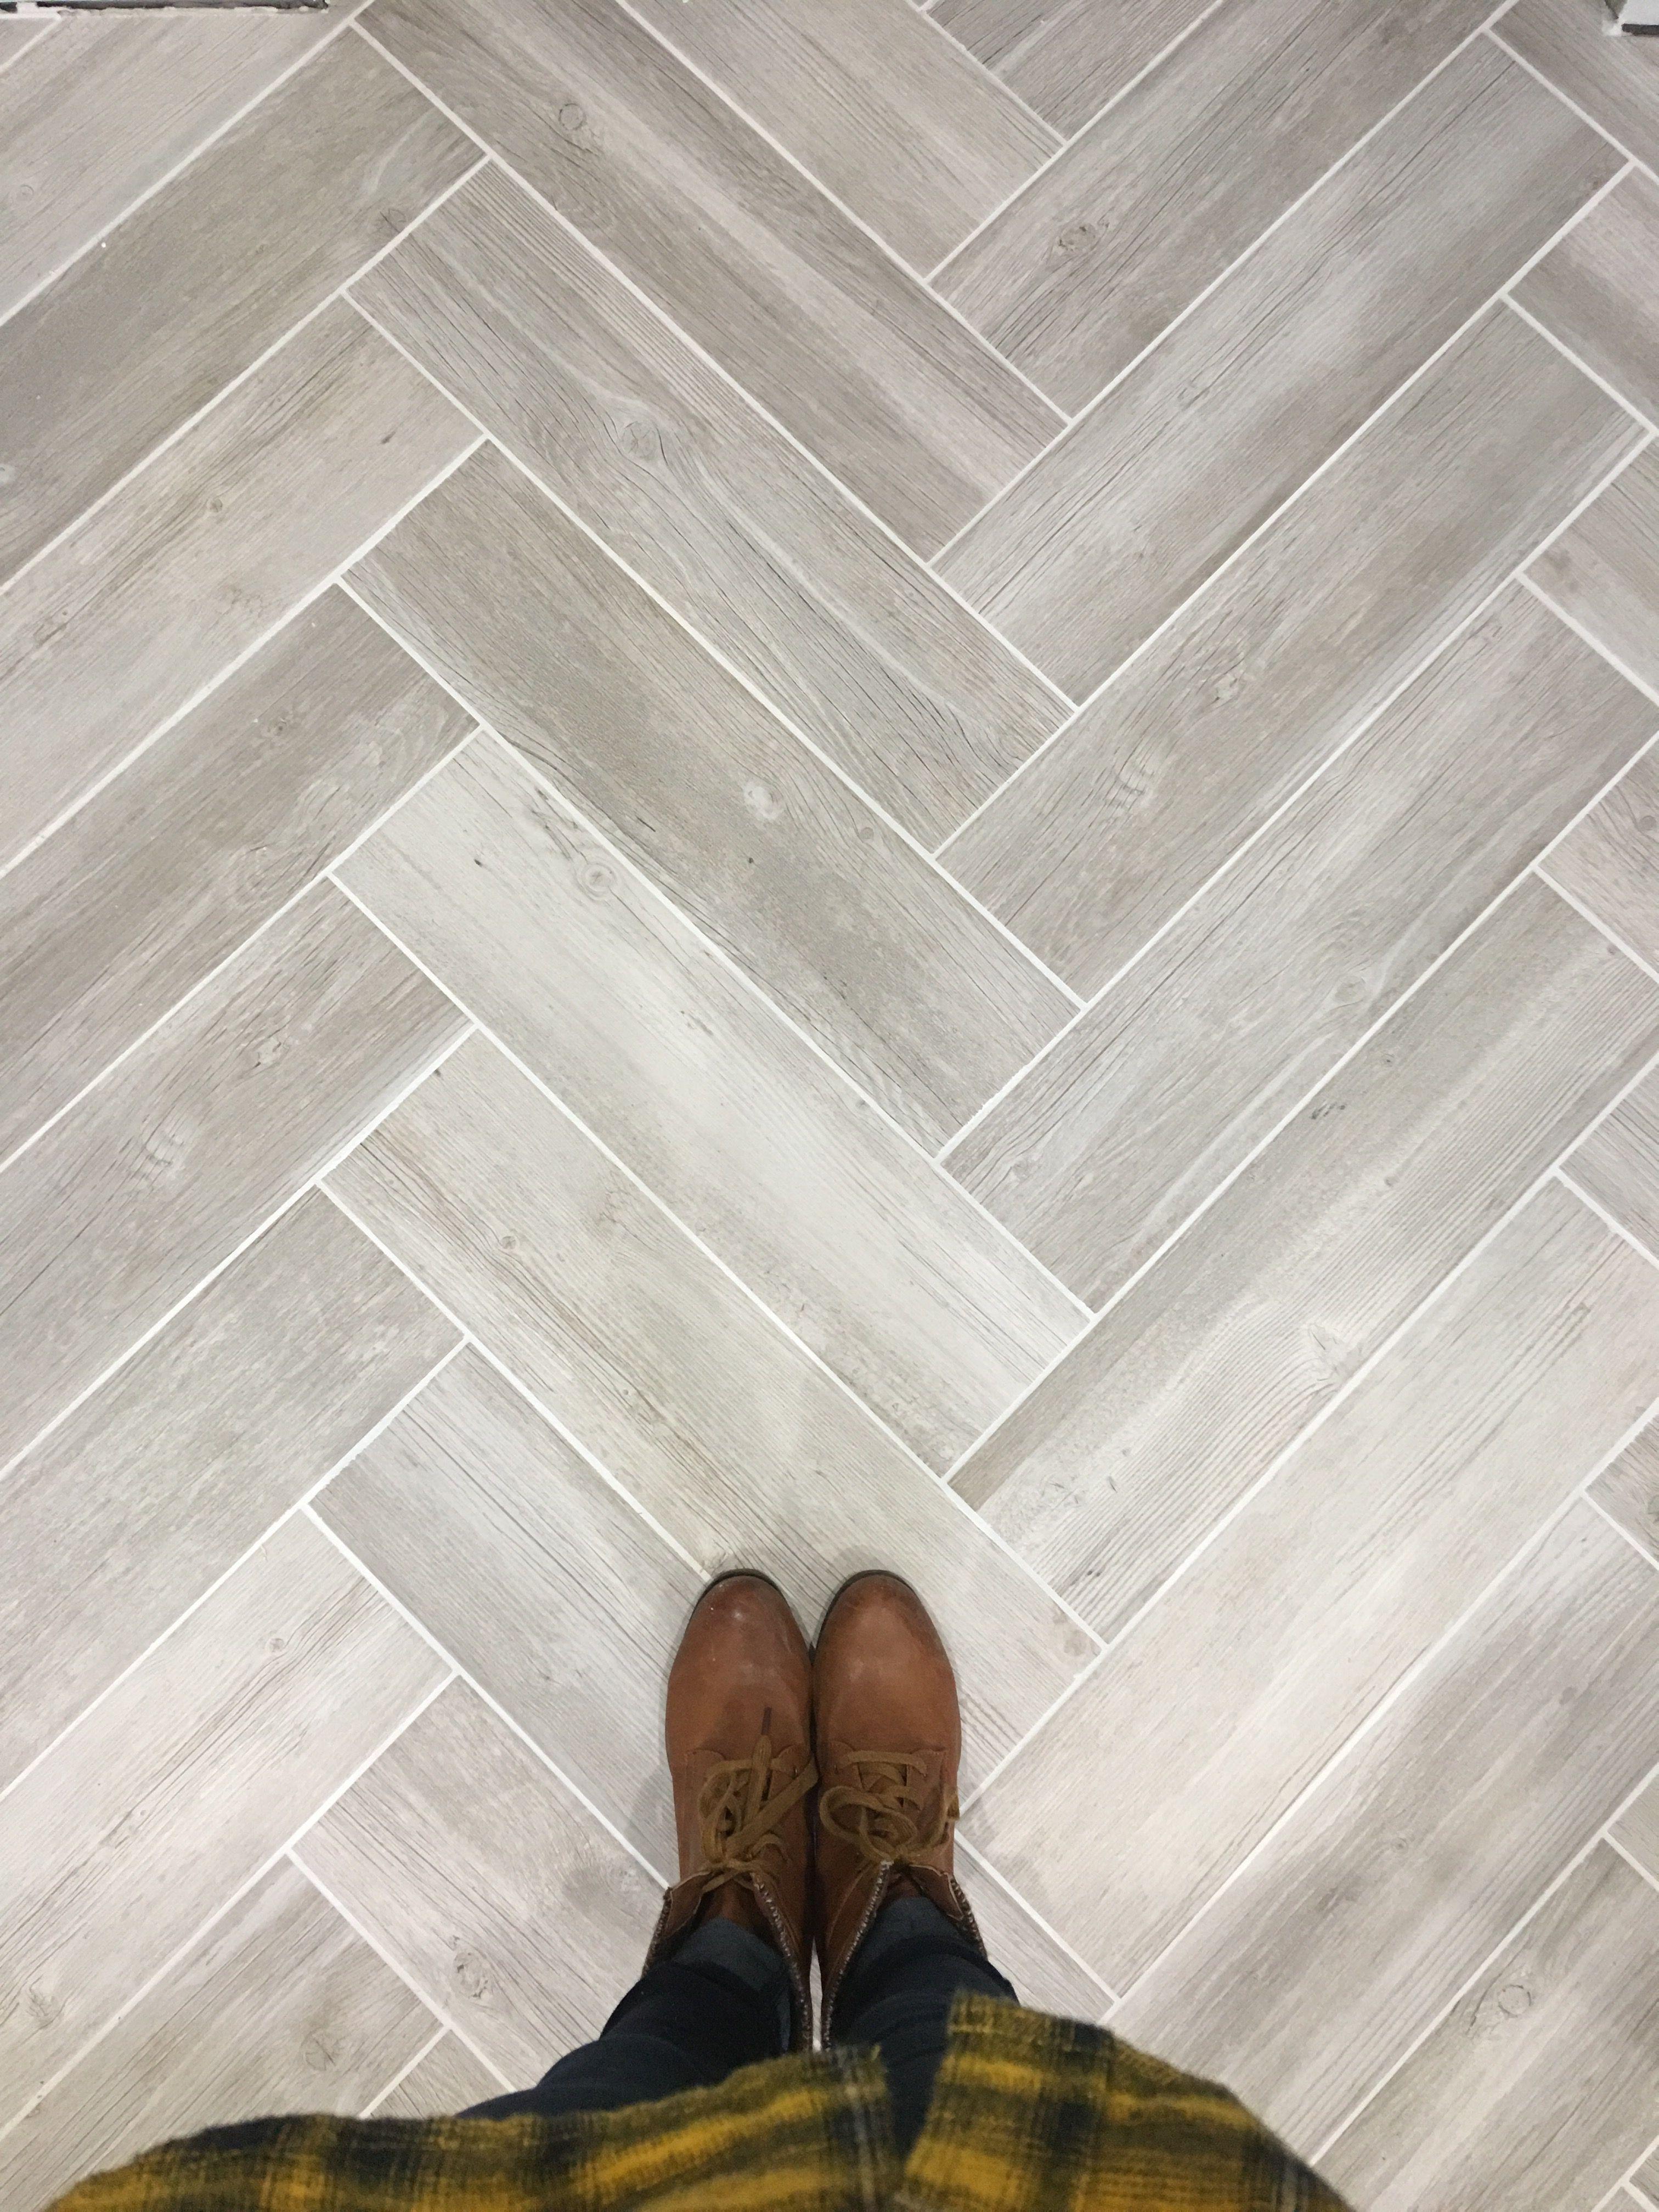 Lowe S Vintage Gray Wood Look Tile In Herringbone Pattern With